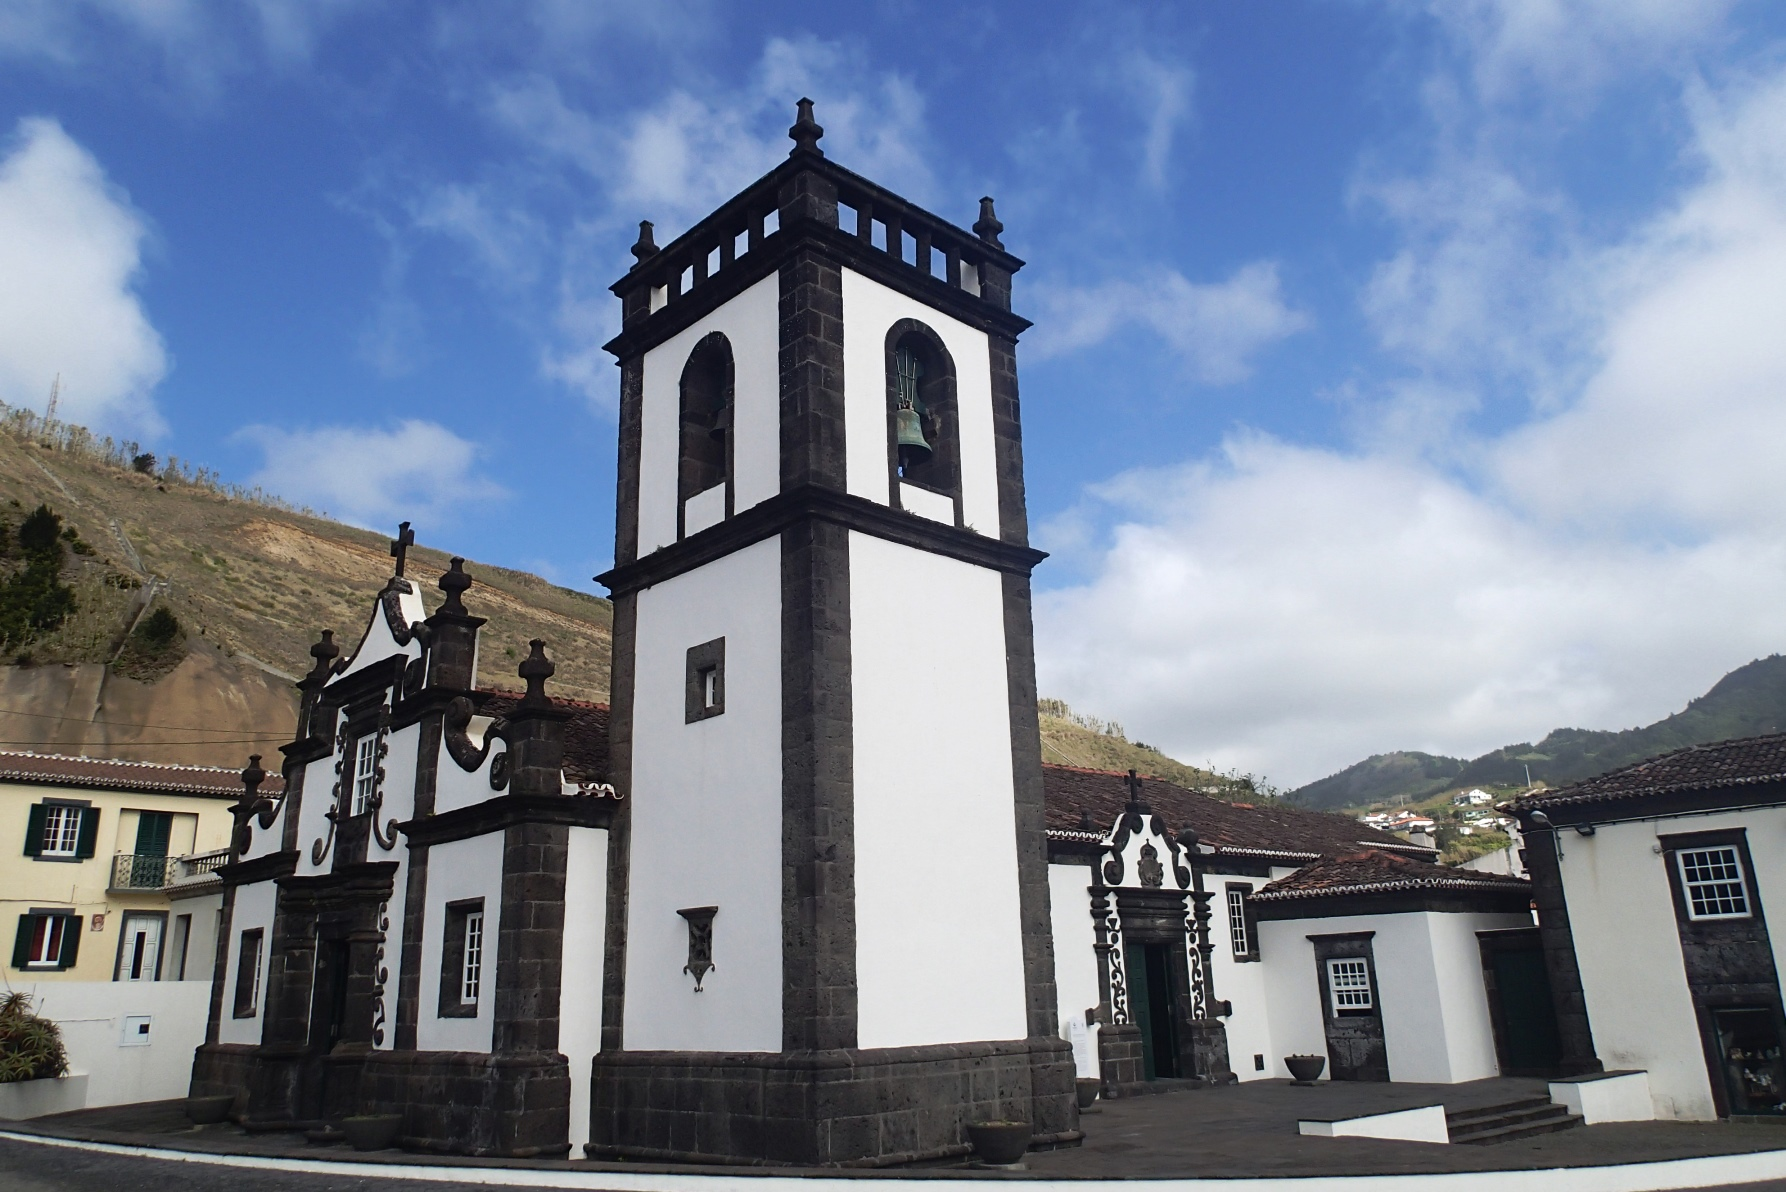 コロニアル様式の建築物